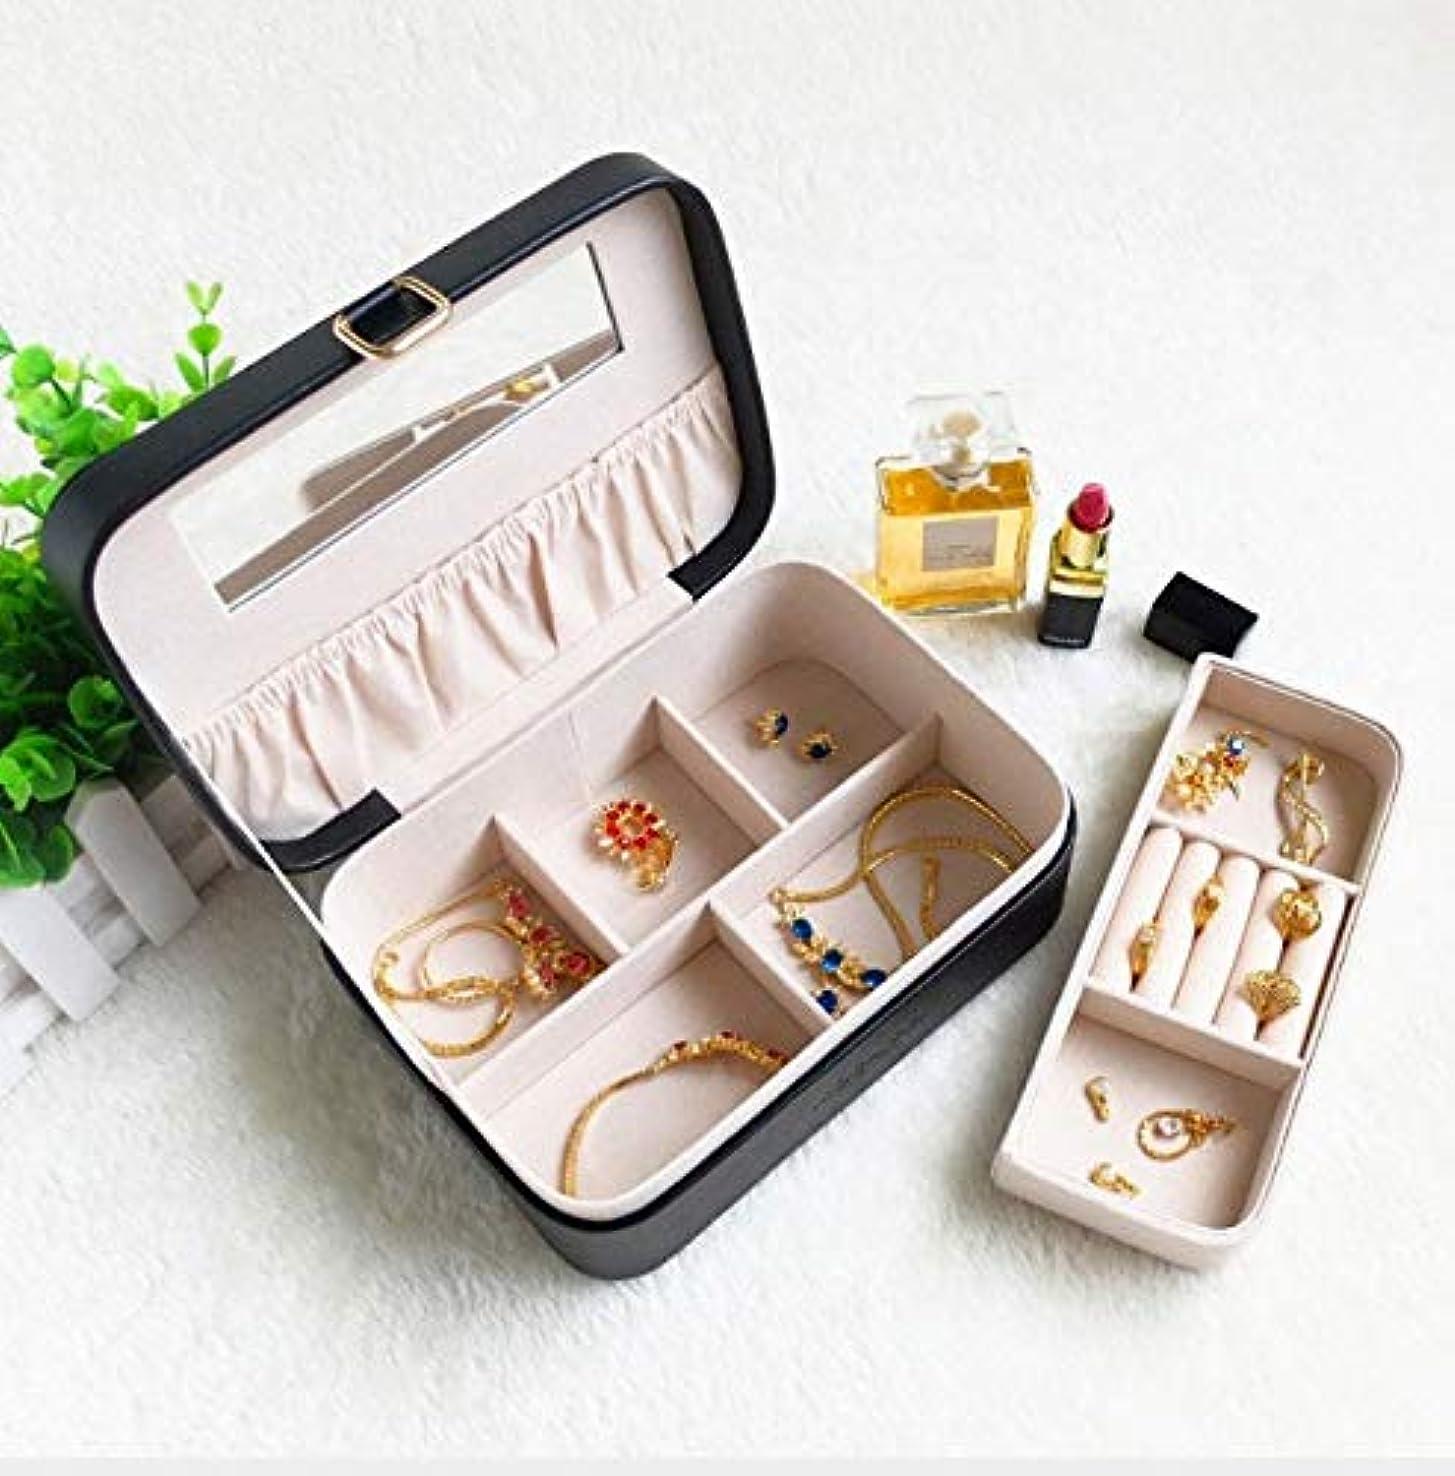 化粧箱、レトロ化粧品防水ミラー化粧ケース、ポータブルトラベル化粧品バッグ収納袋、美容ジュエリー収納ボックス (Color : ブラック)